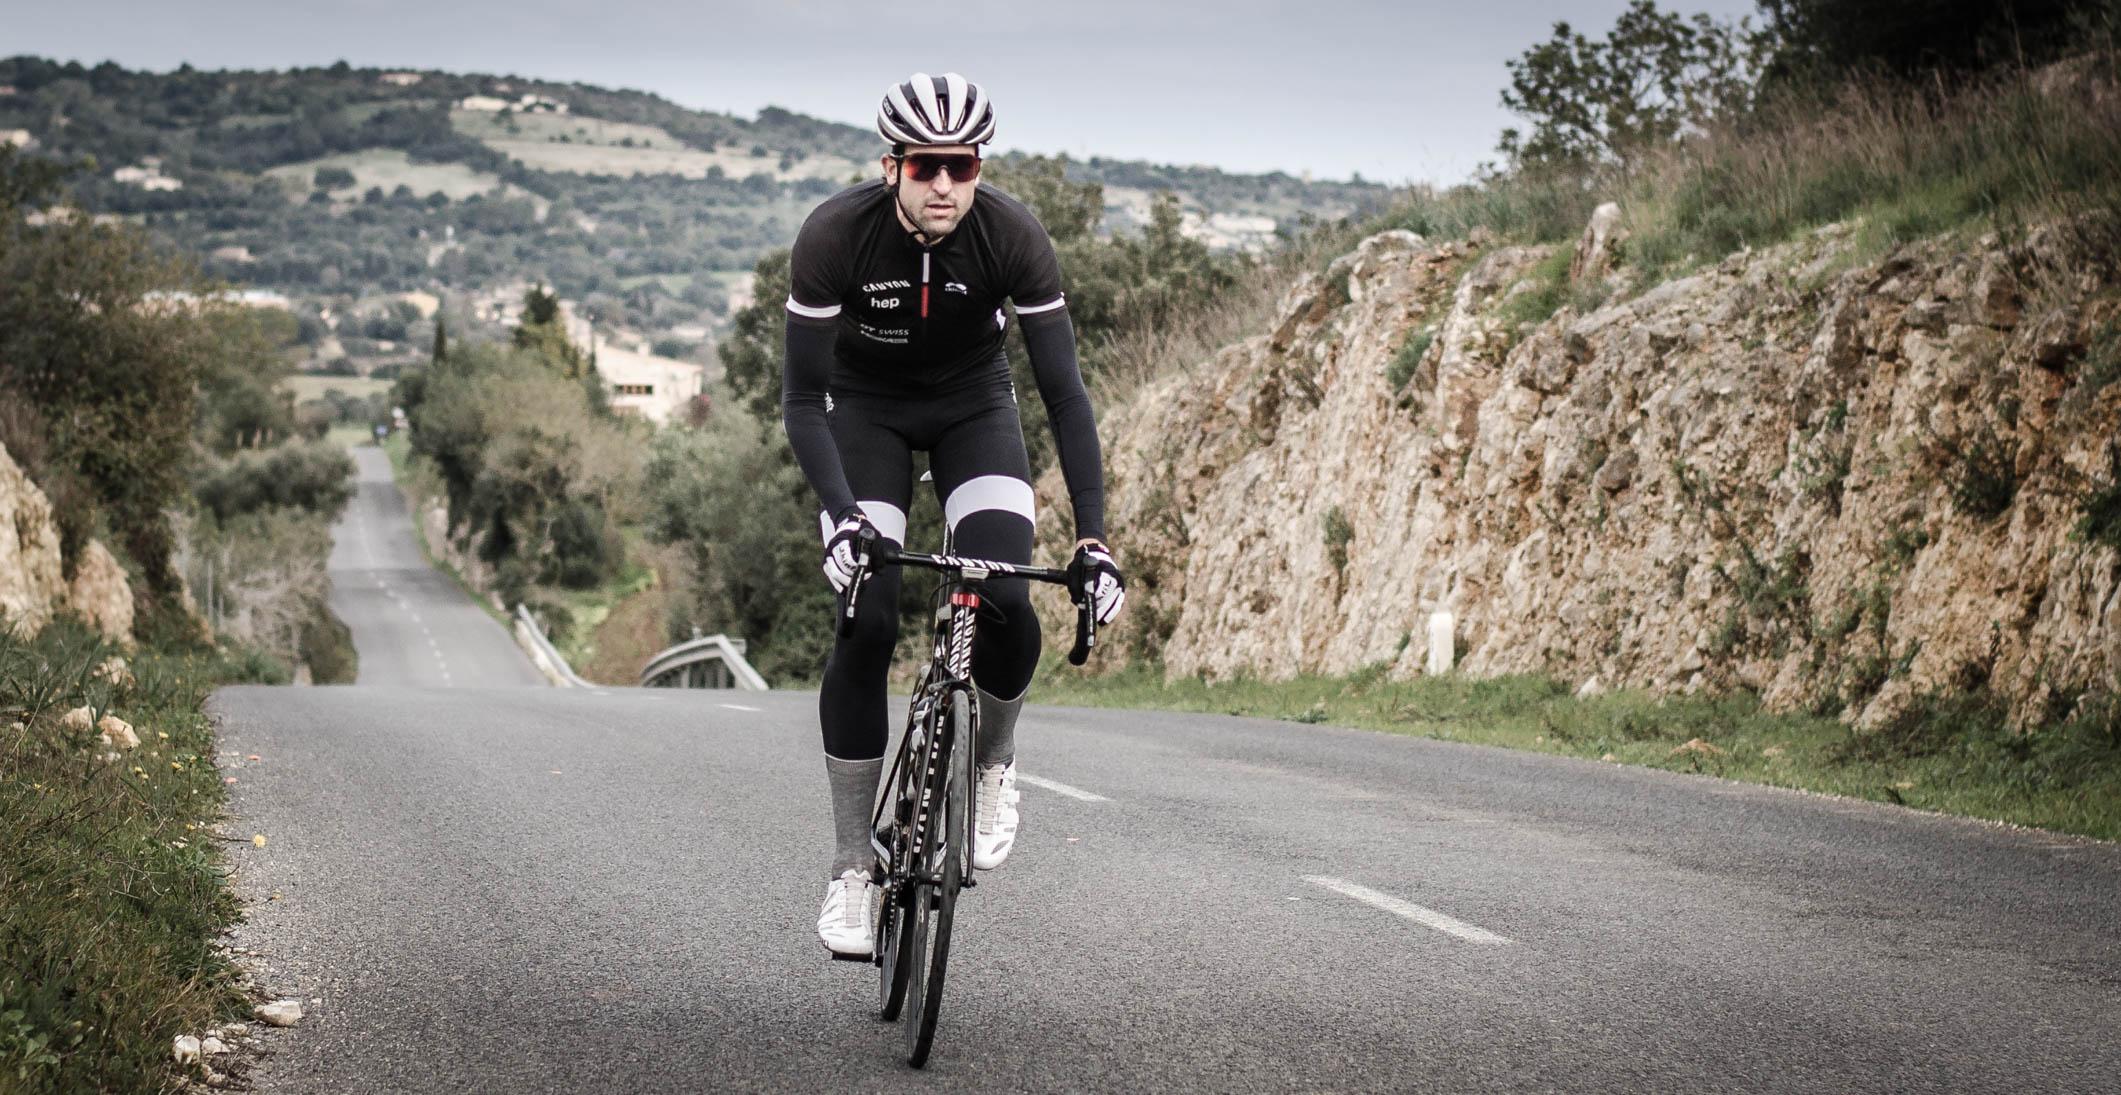 Boris Stein auf seinem Canyon Aeroad im Training